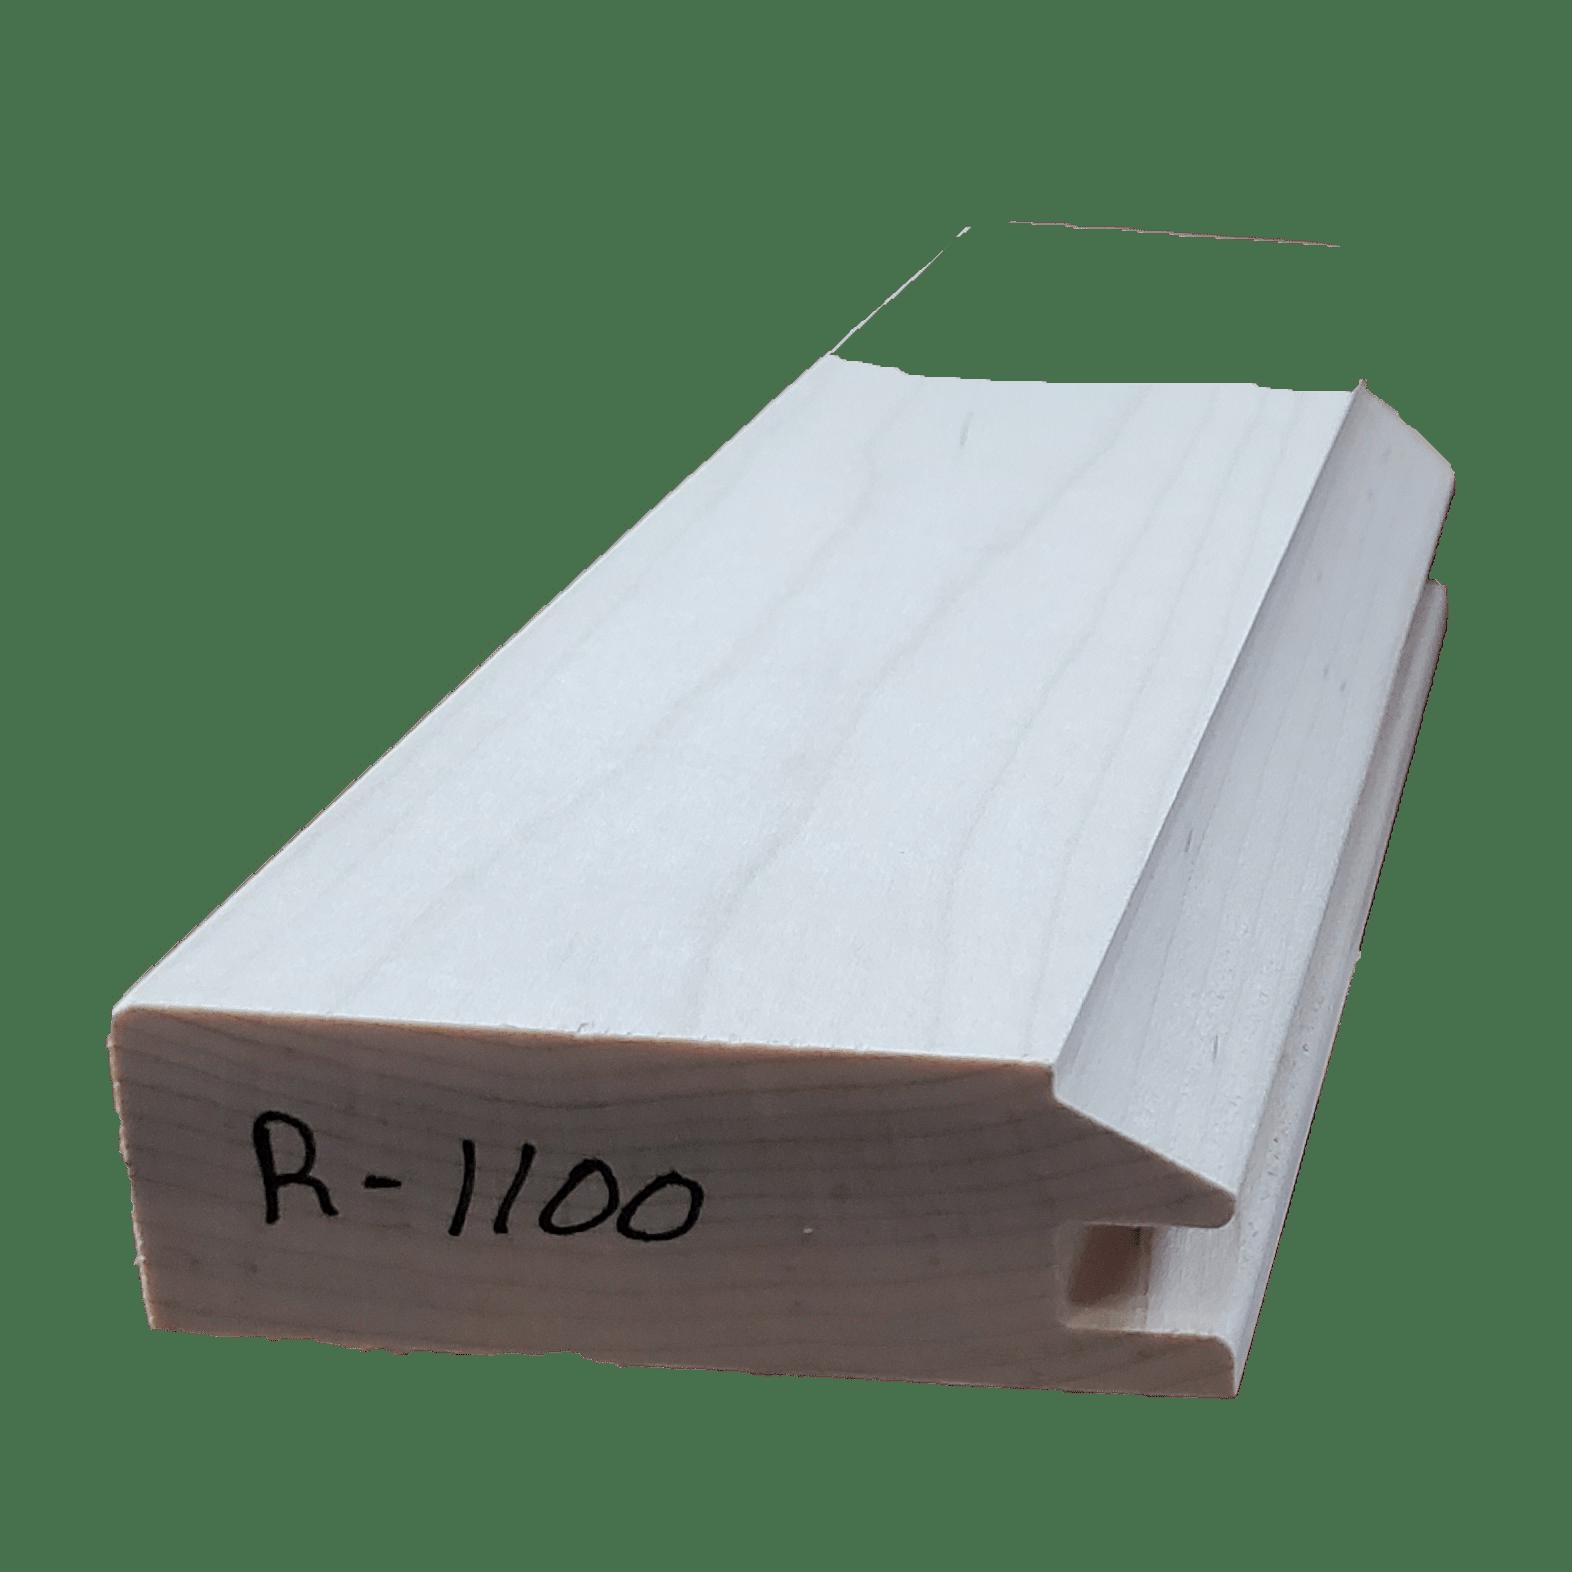 P R 1100